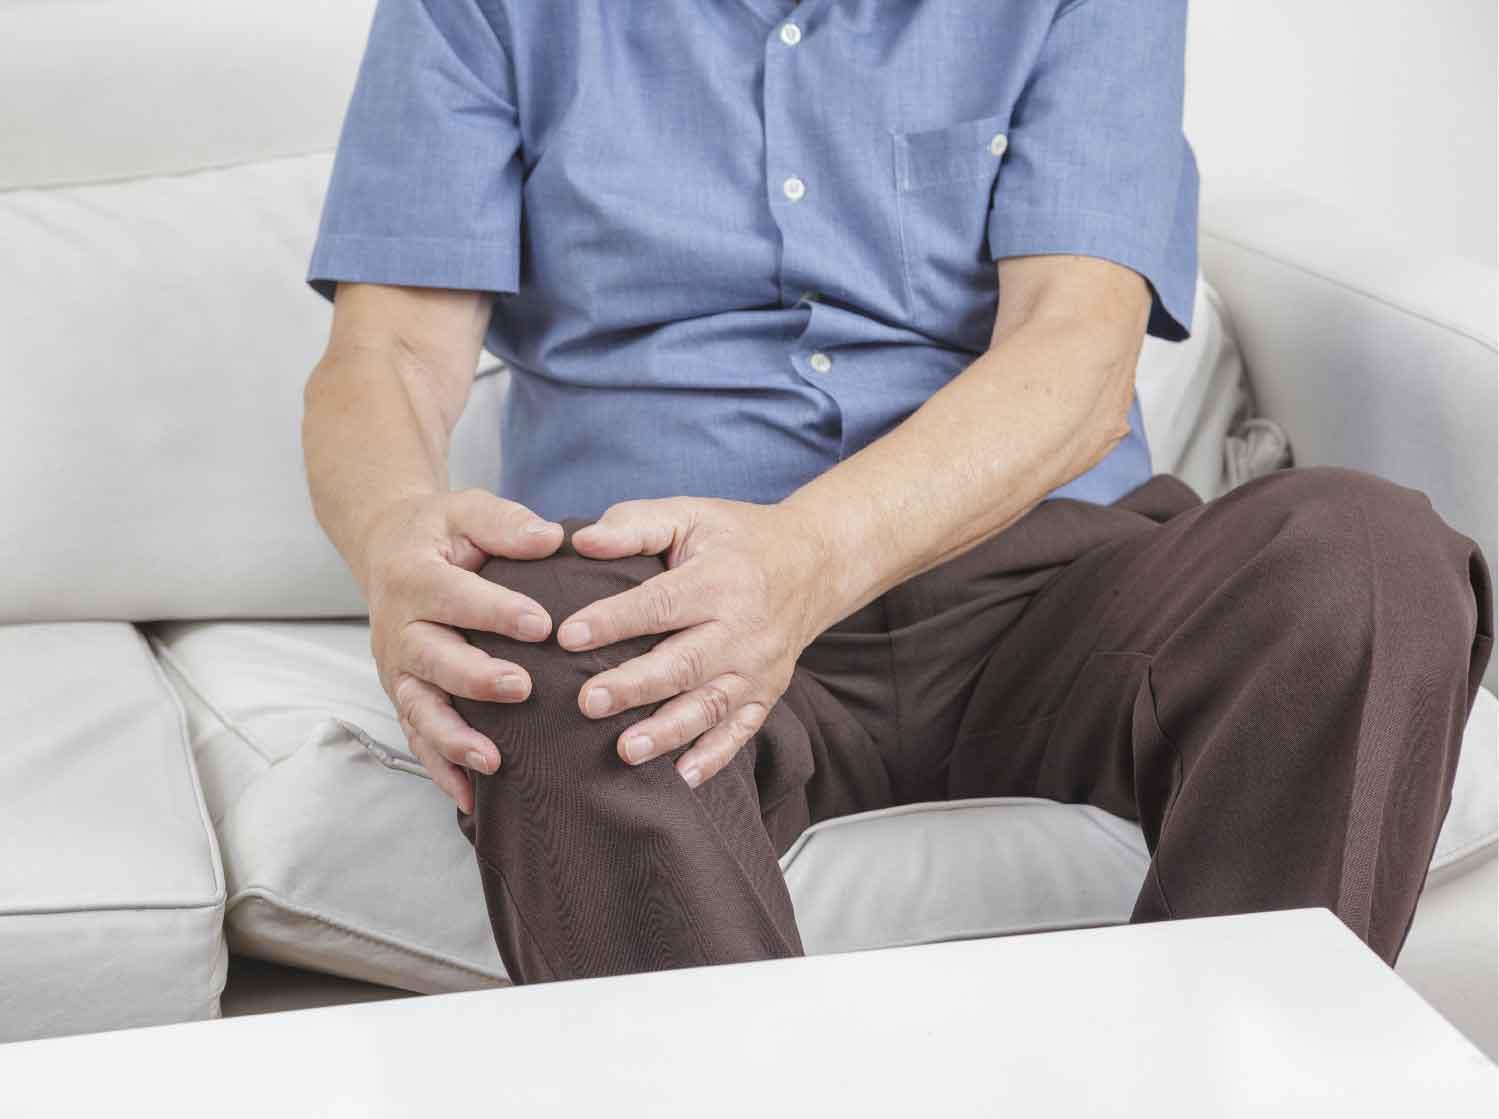 6 แนวทางสุขภาพดีได้ แม้เผชิญภาวะข้อเข่าเสื่อม